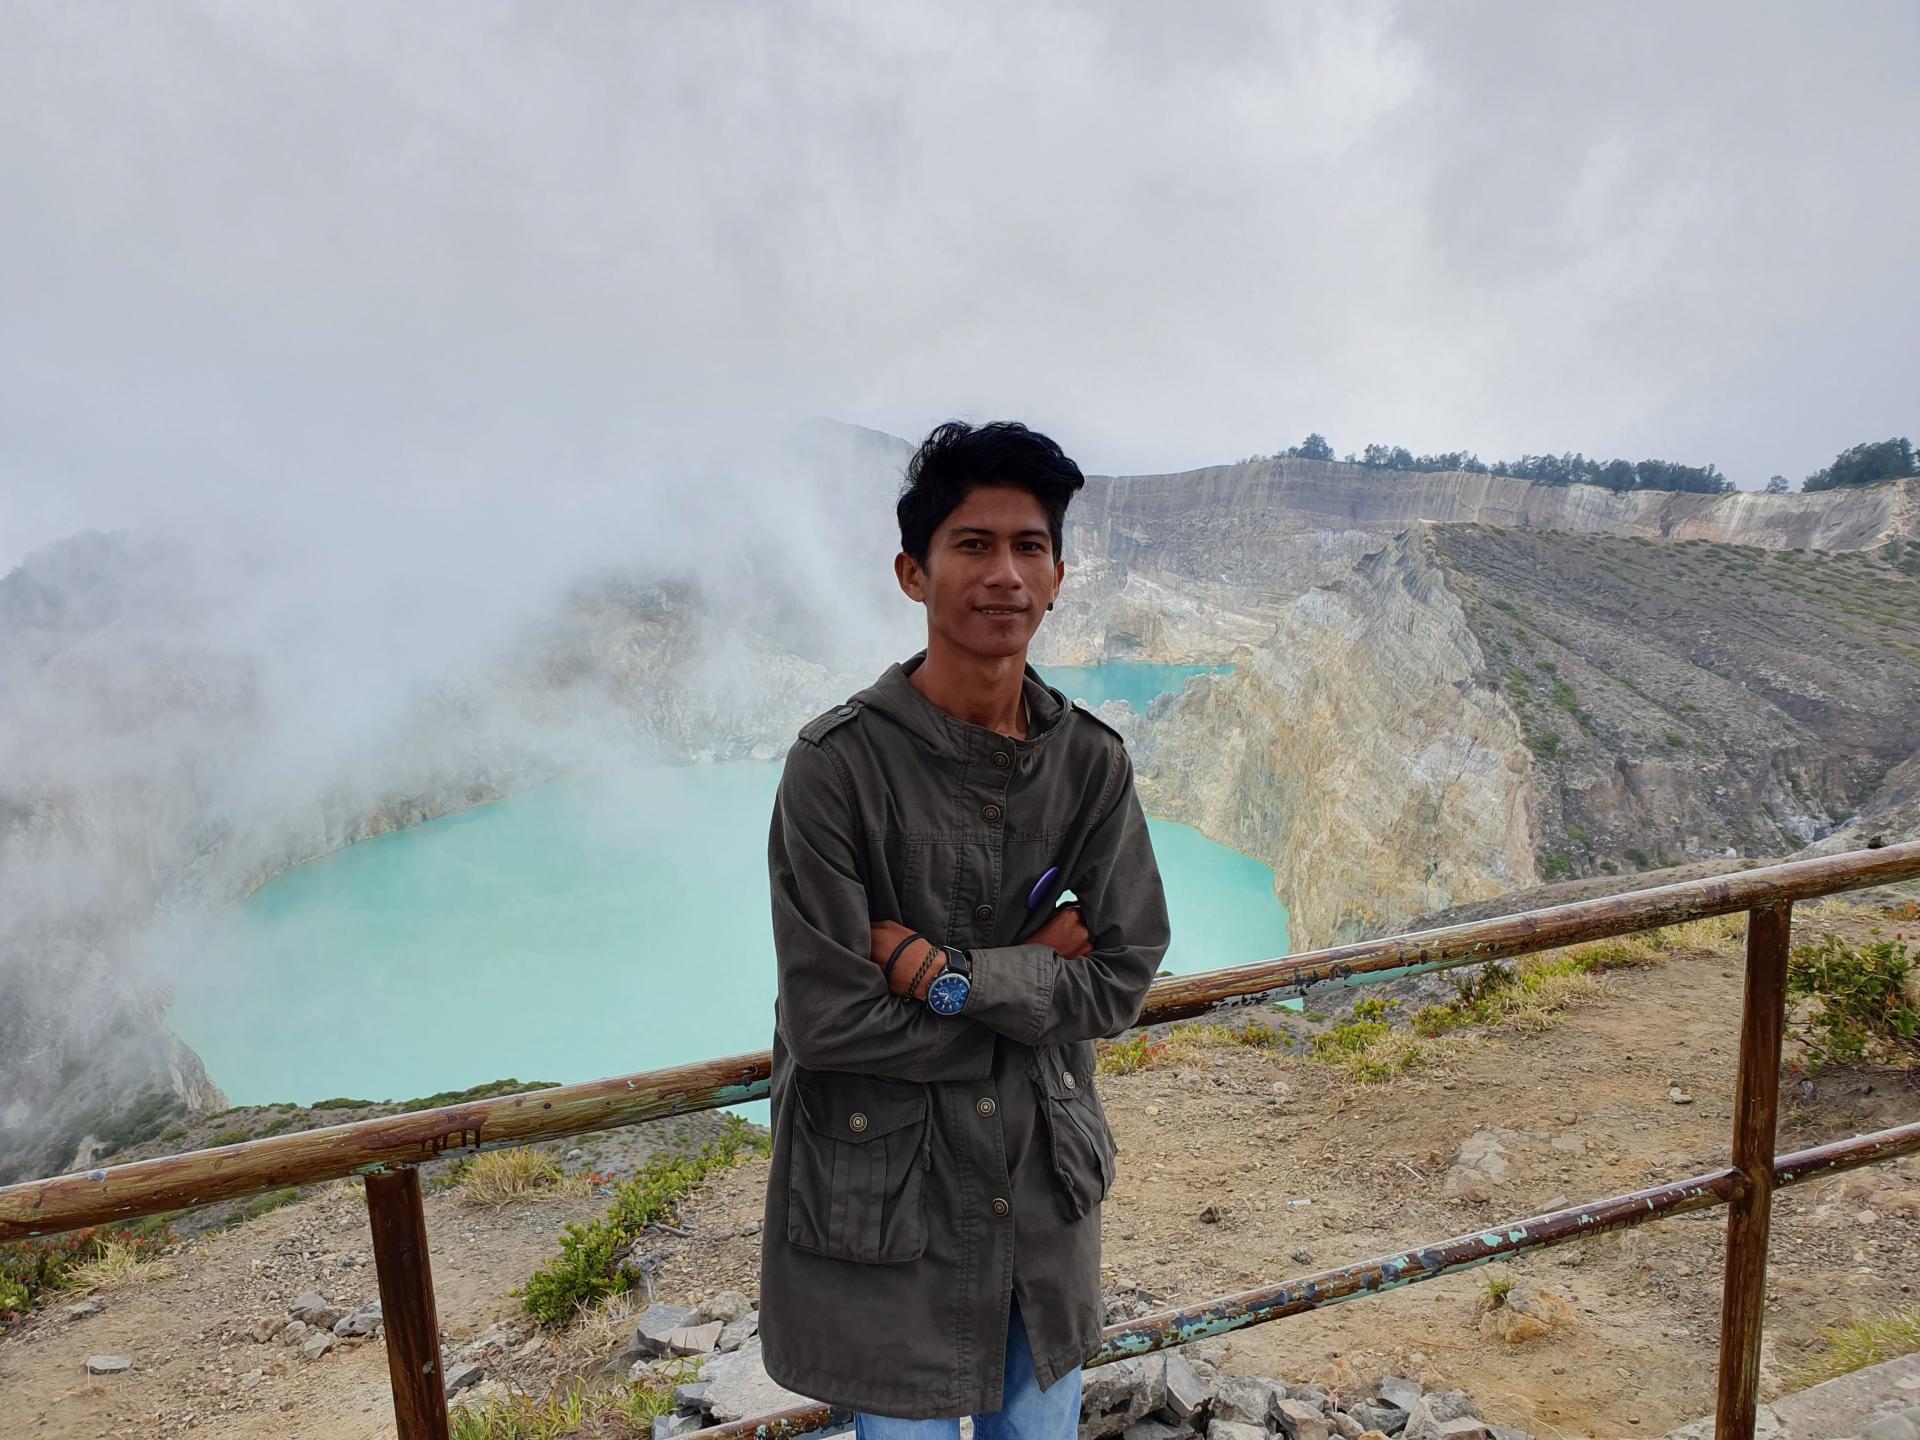 индонезиец на фоне озер Келимуту